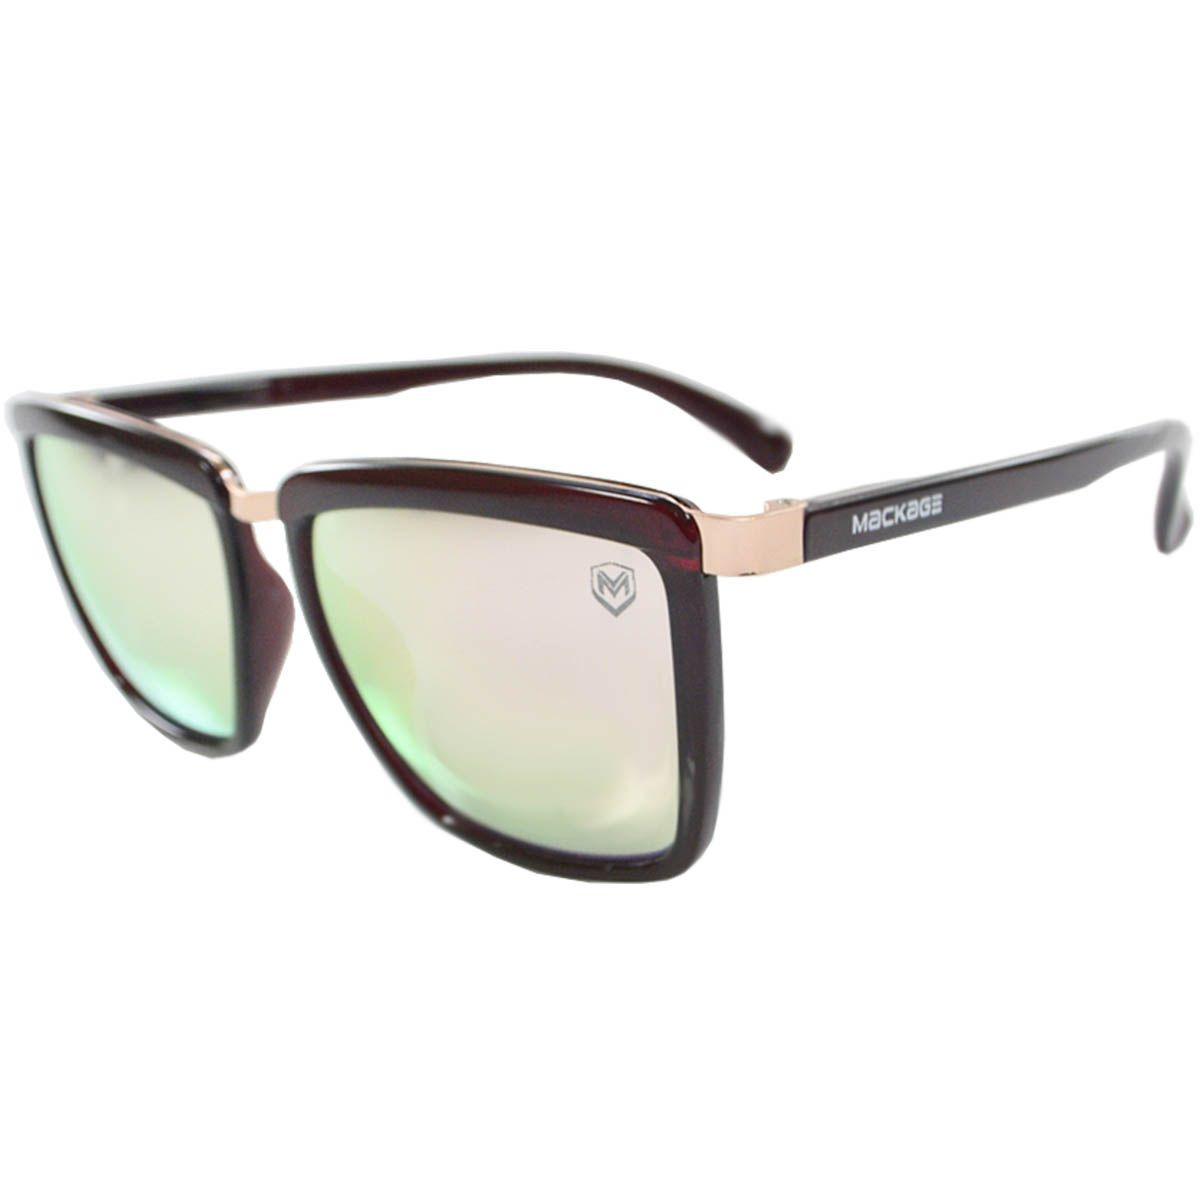 b83e6dfa9513b Óculos De Sol Feminino Mackage Mk2140v Vinho - R  49